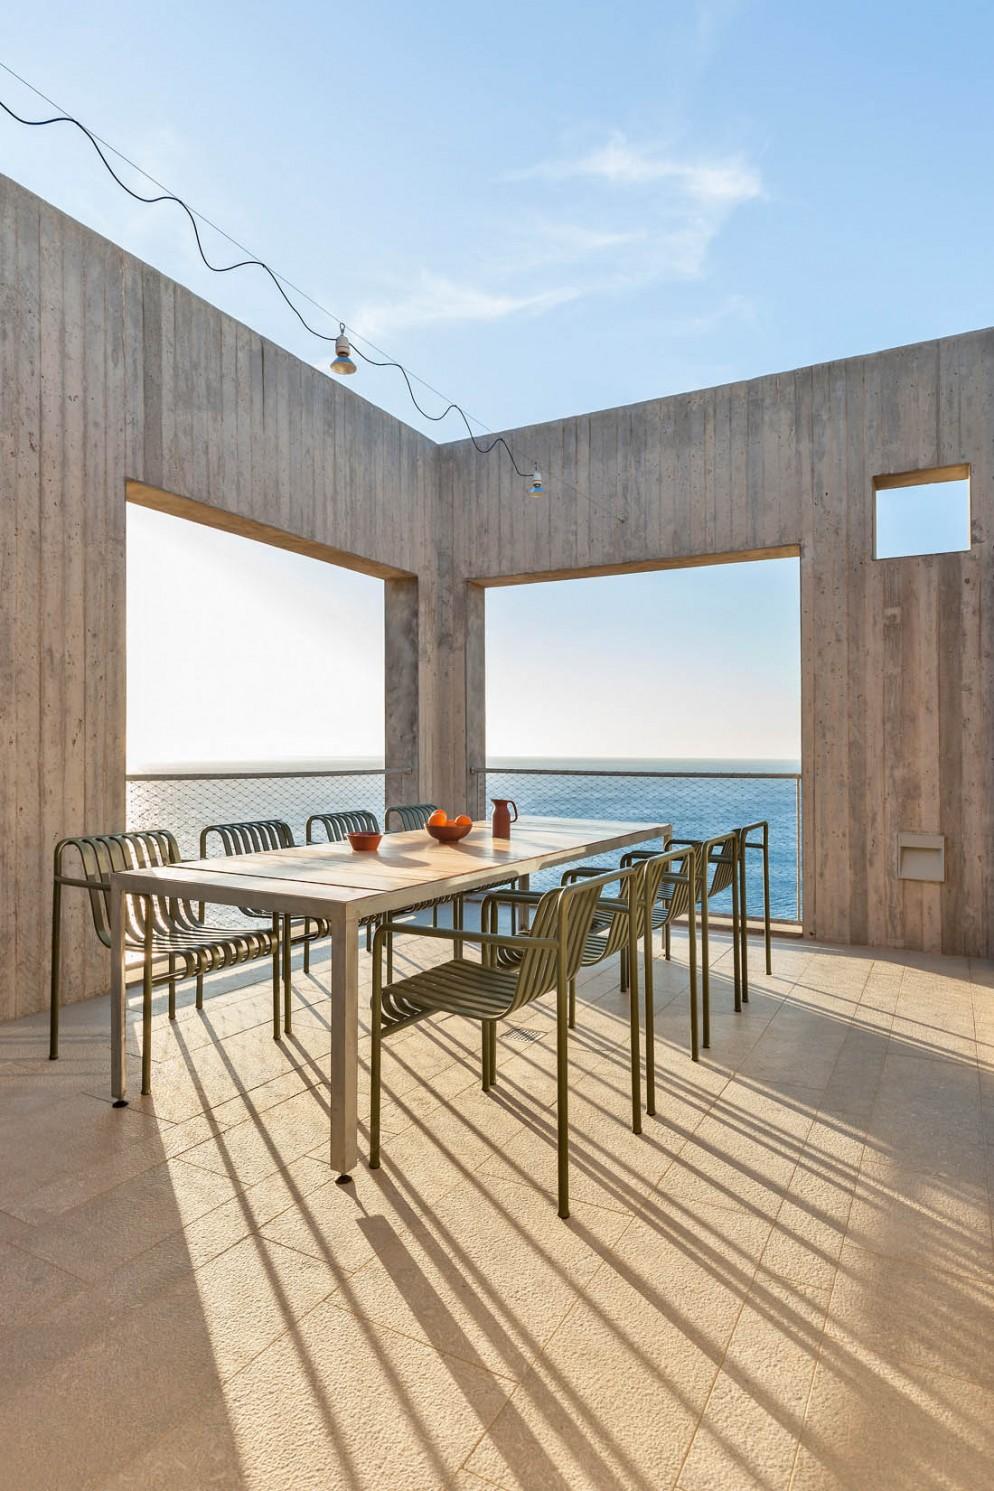 patio-house-di-karpathos-grecia-ooak-architects-09